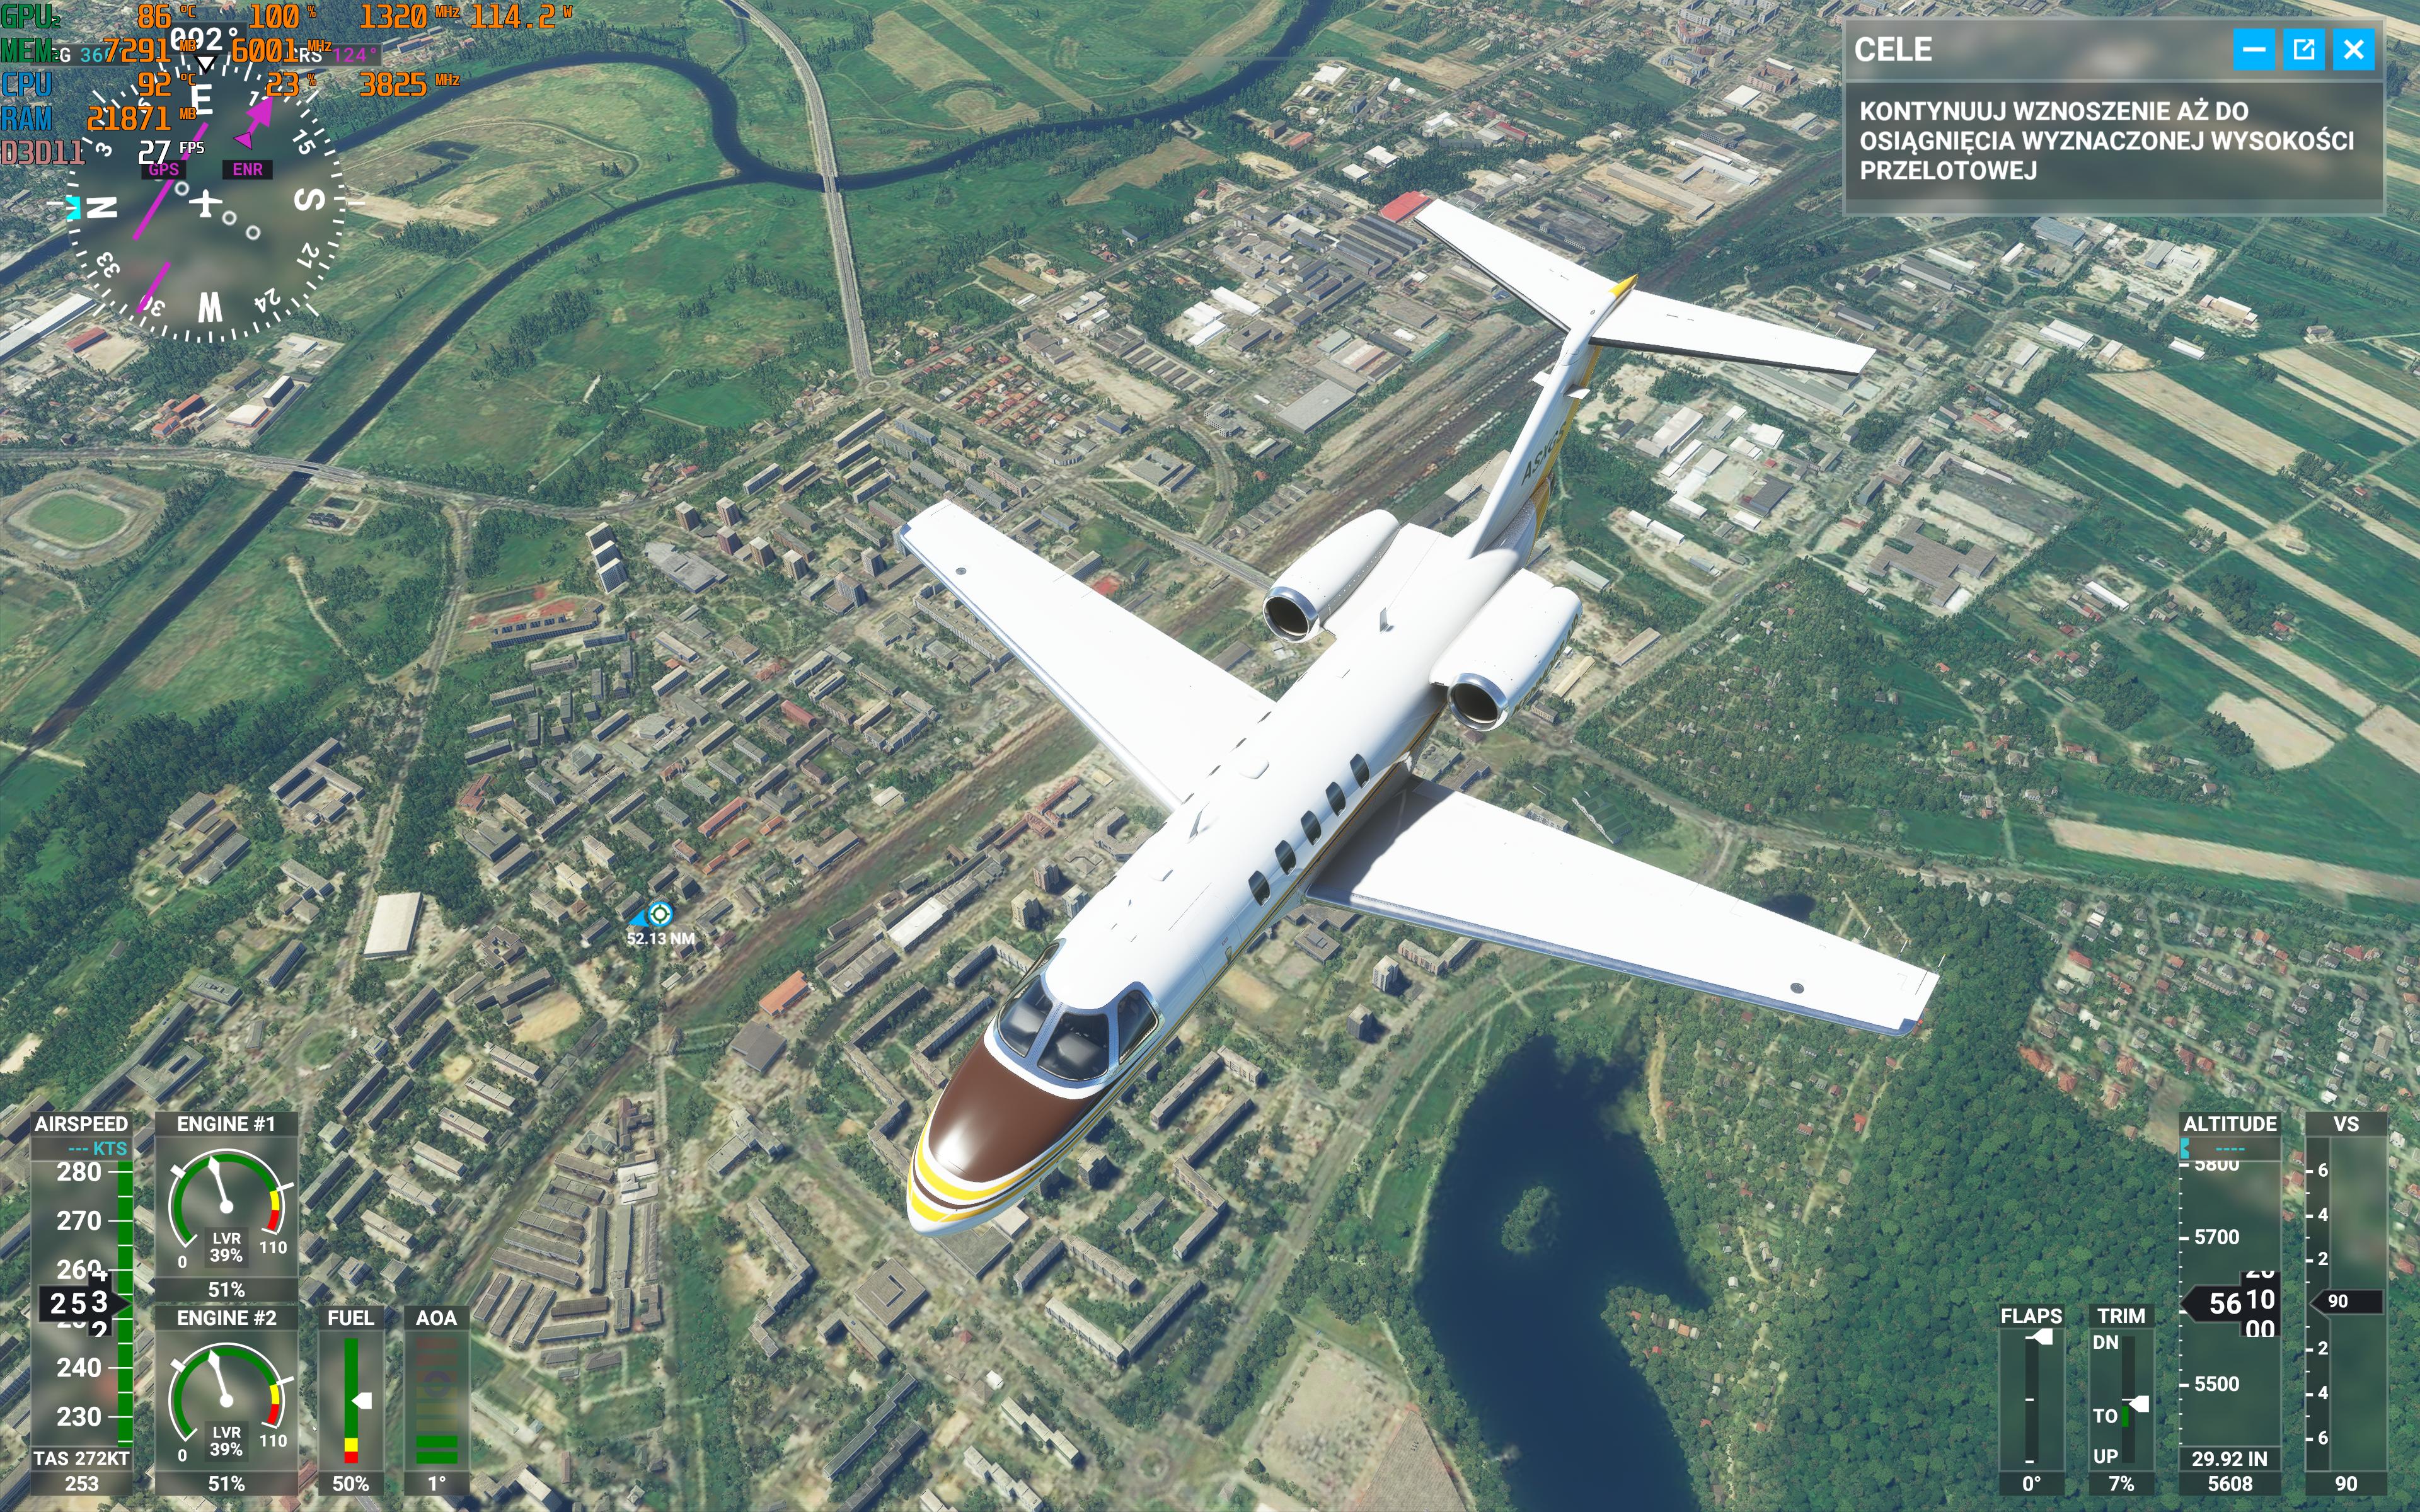 Asus ROG Flow X13 Microsoft Flight Simulator